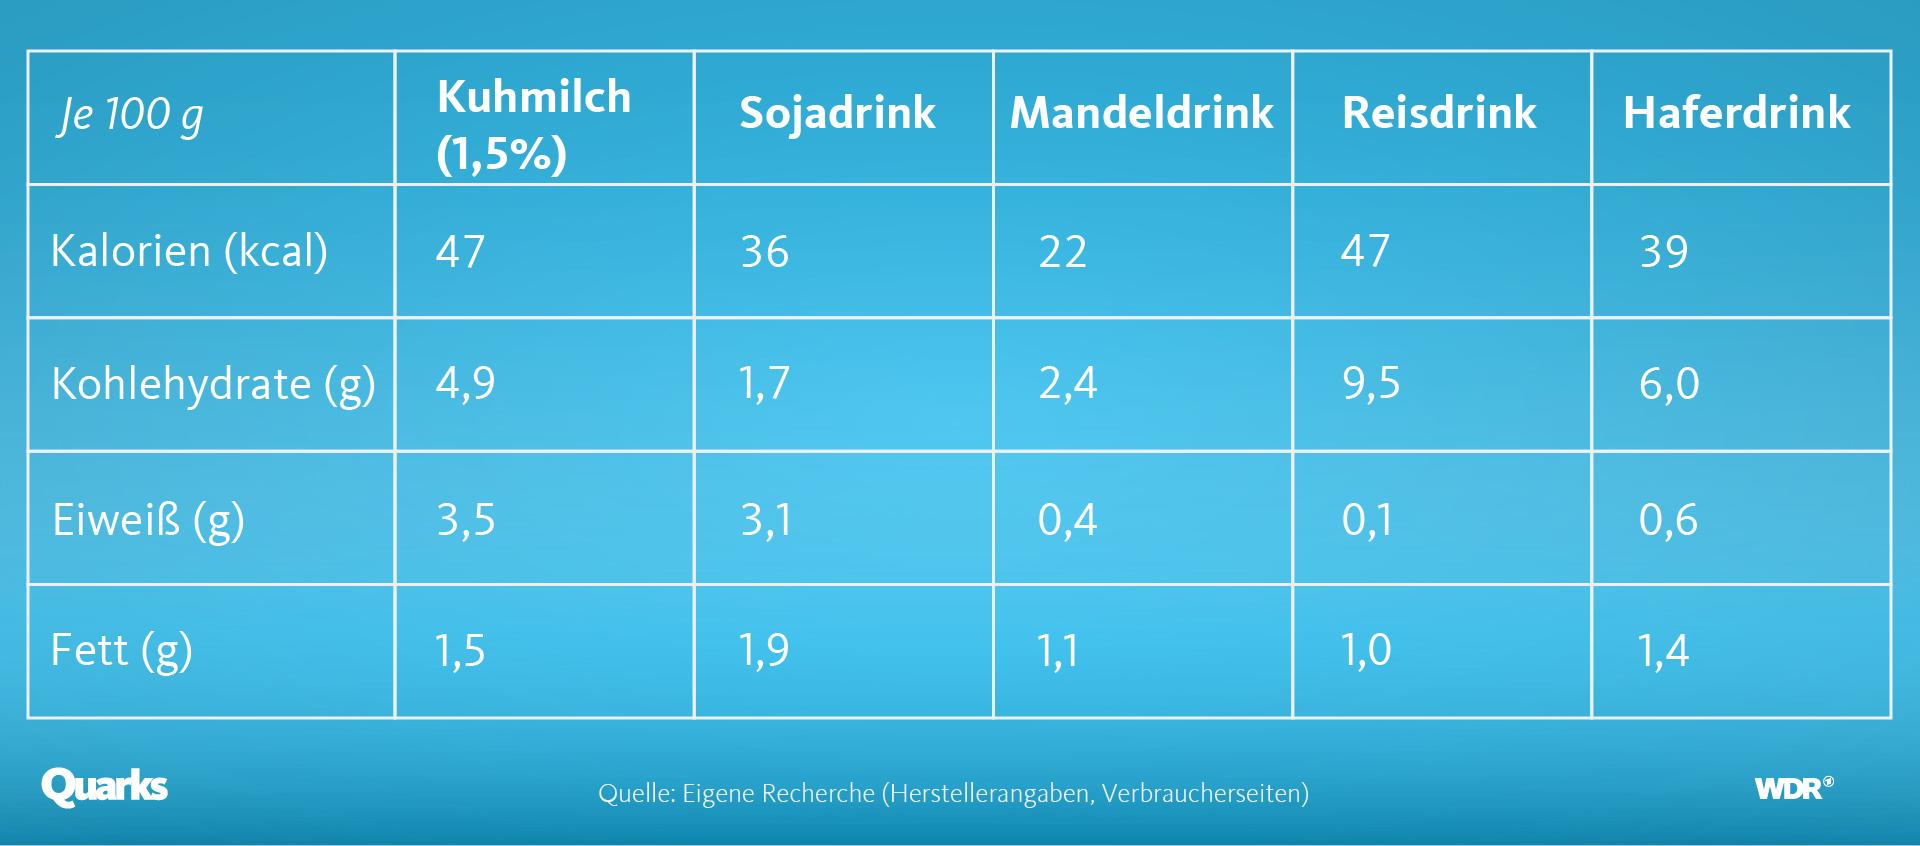 Nährwerttabelle Milch und Milchalternativen. Grafik: WDR